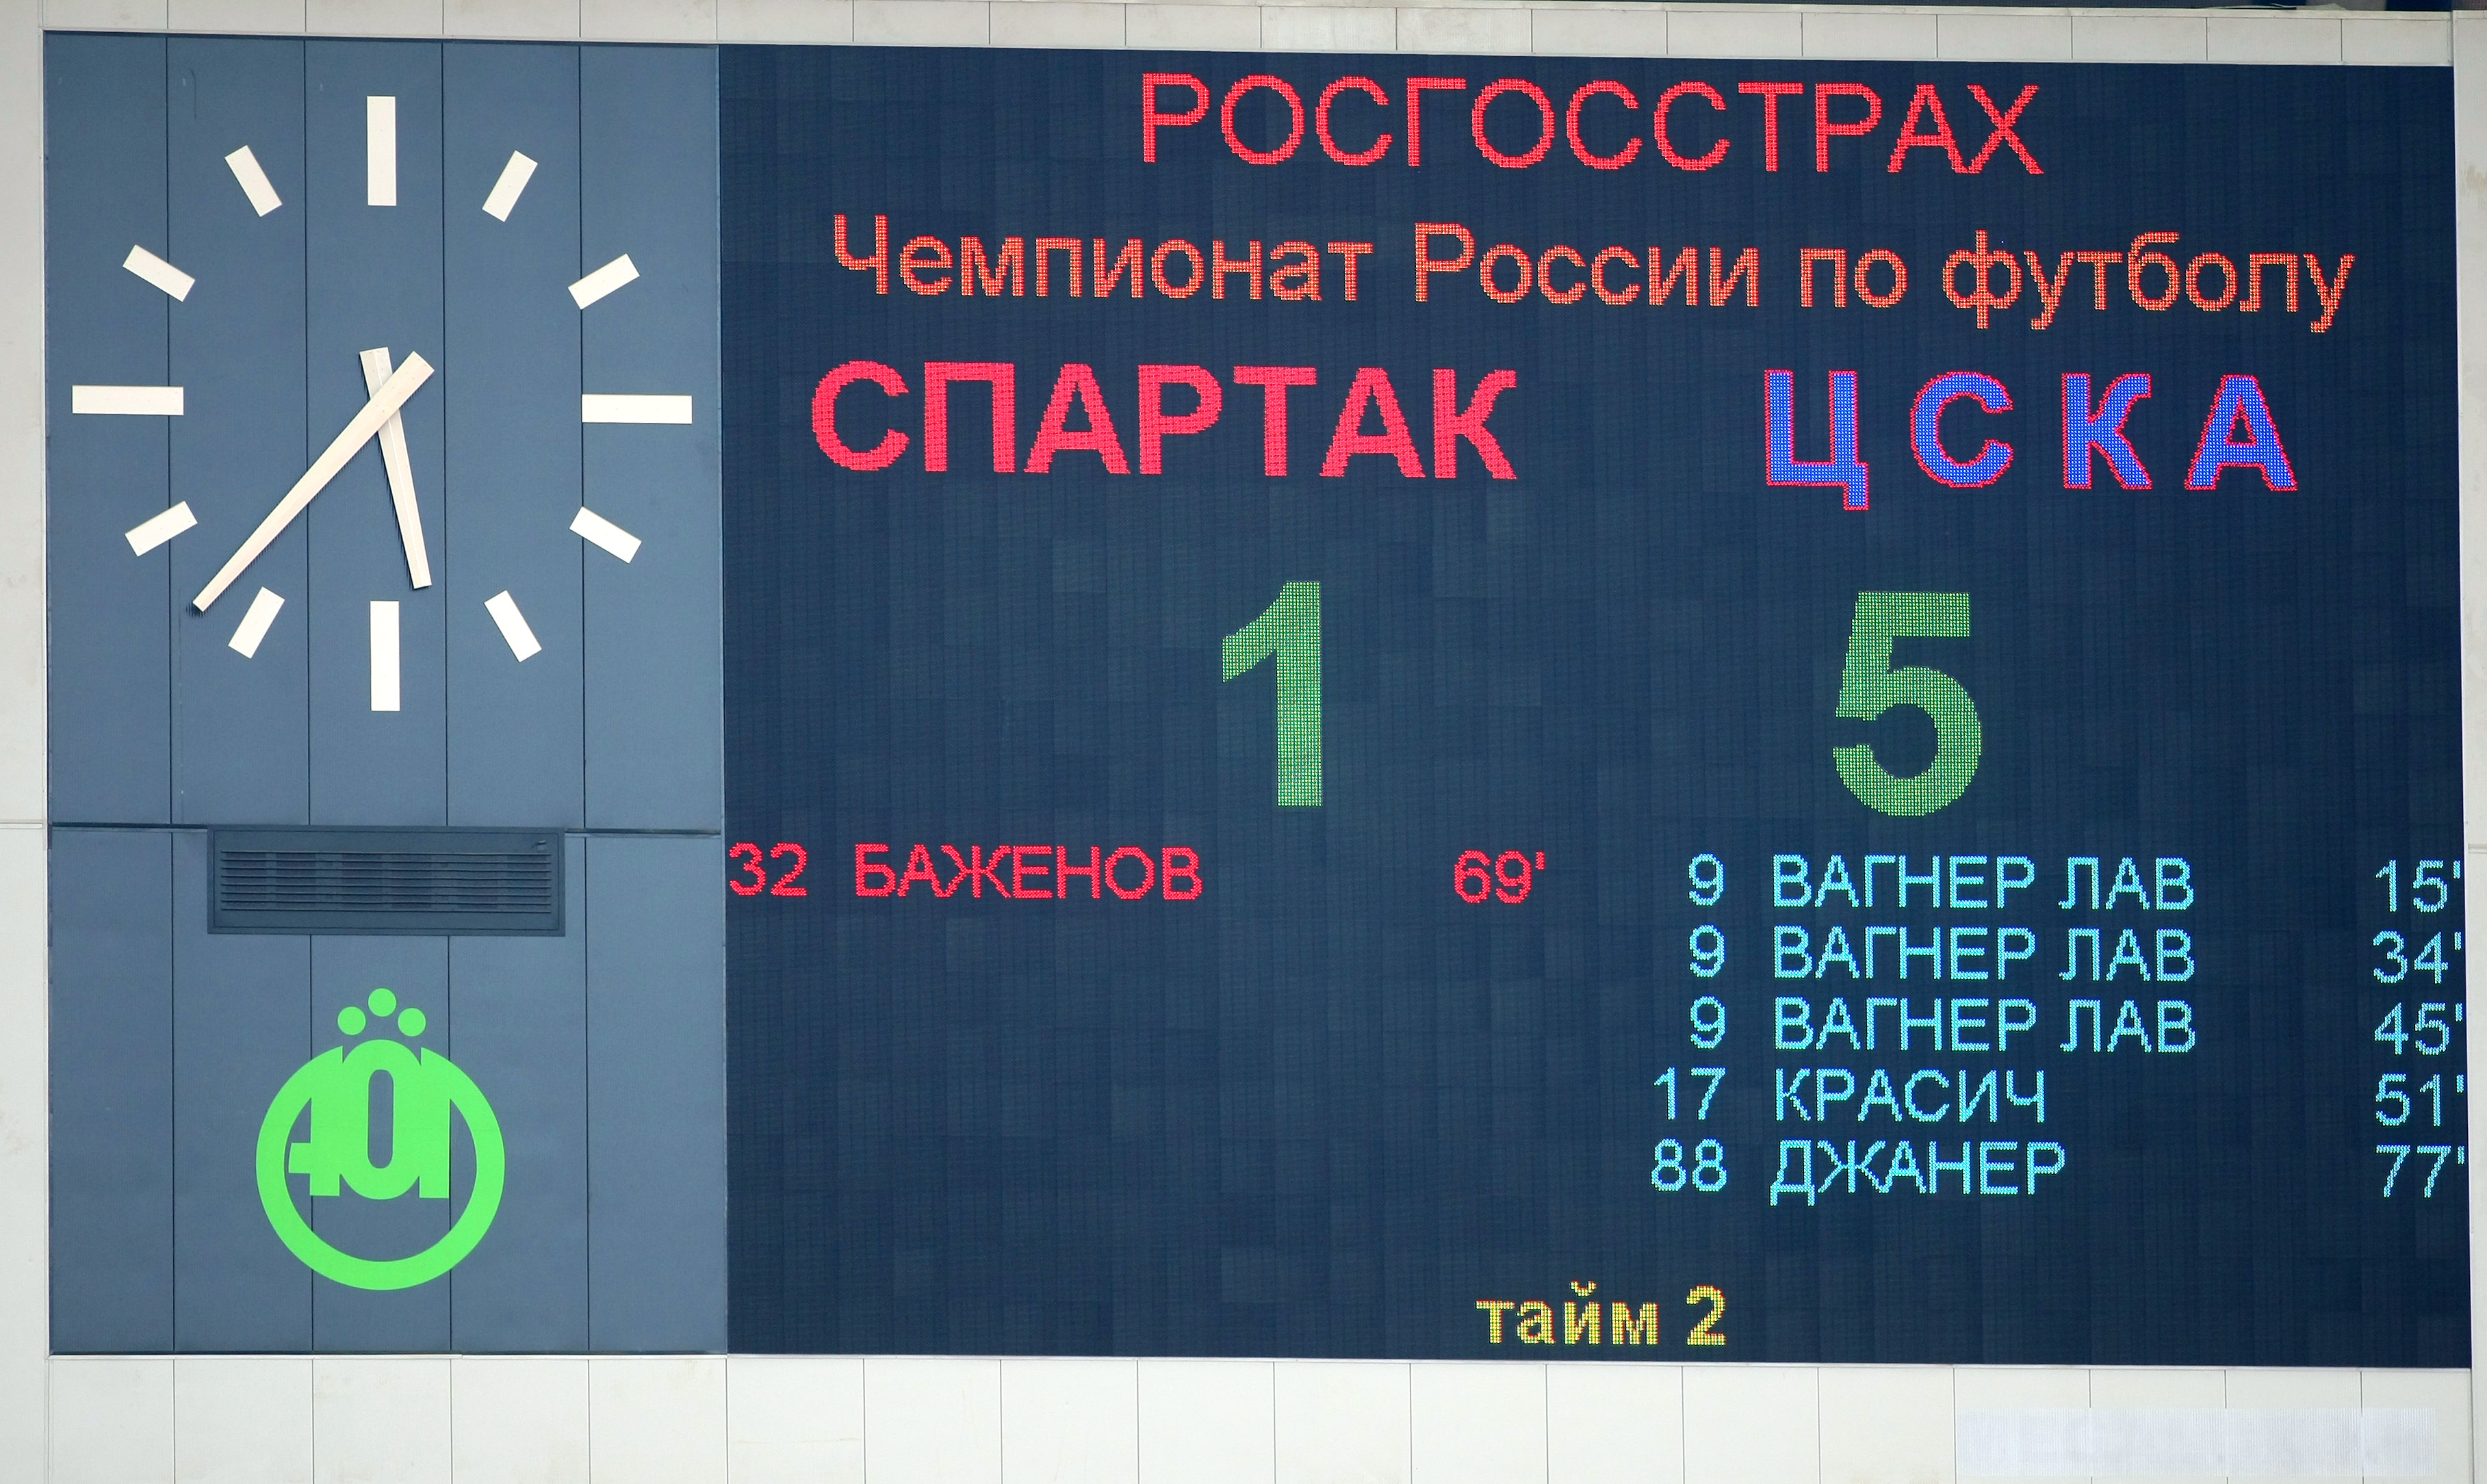 В 2008-м фанаты «Спартака» подожгли стадион в Брянске на матче Кубка России. Так они добивались увольнения Черчесова